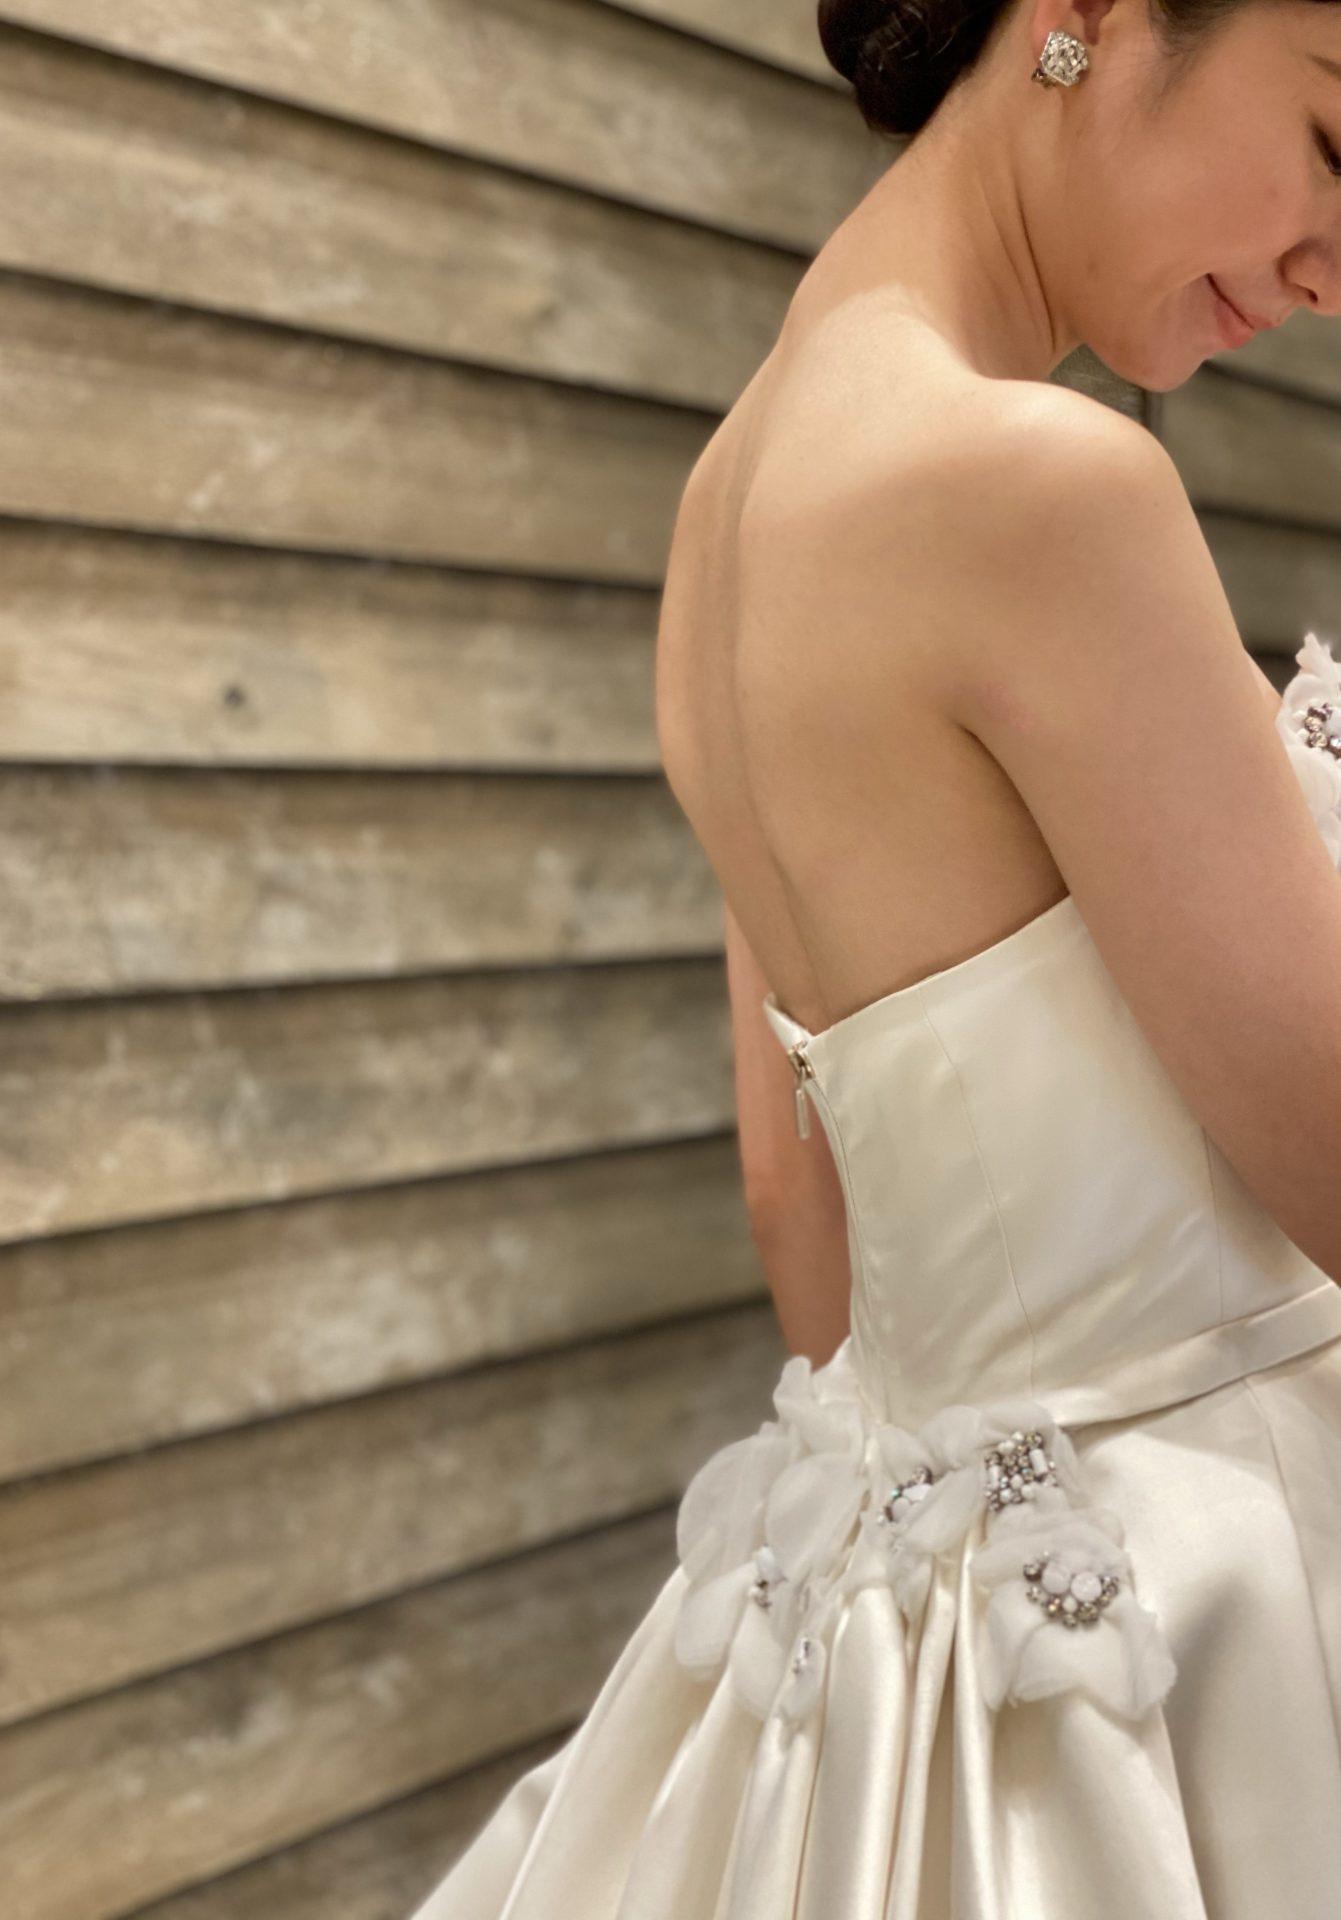 大阪の結婚式場におすすめしたいTHE TREAT DRESSING大阪店からご紹介するホテルに合うドレス